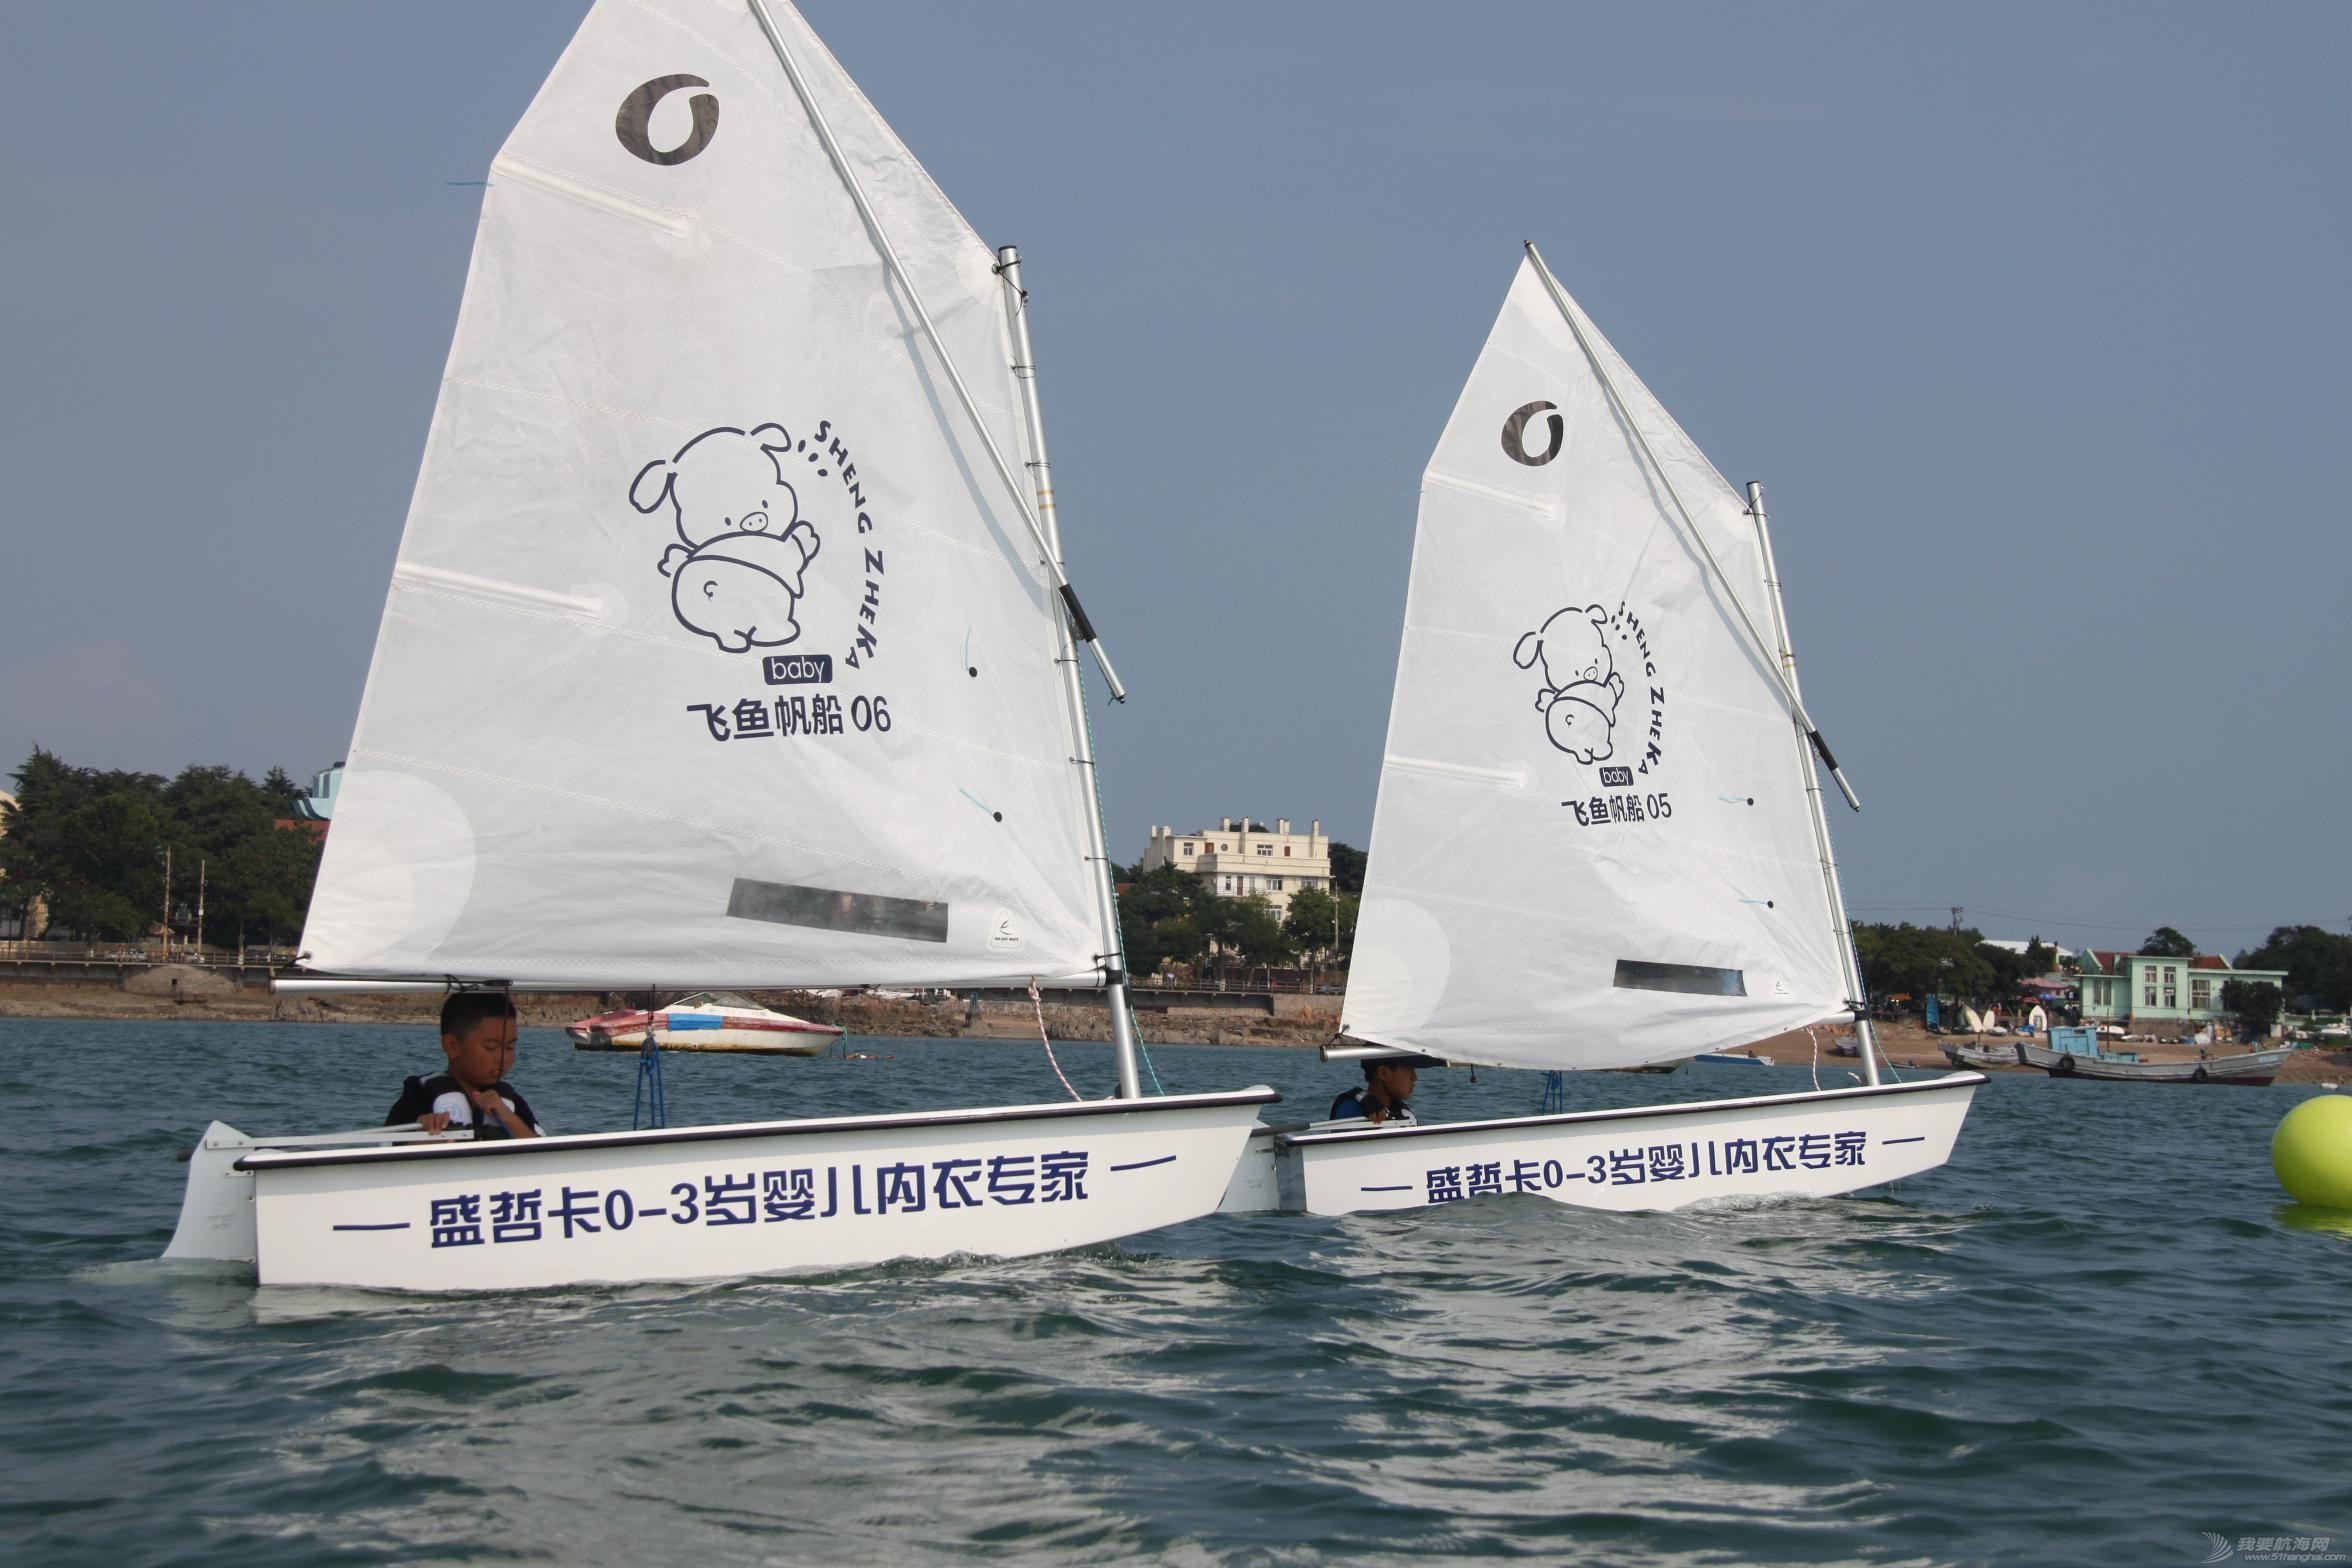 飞鱼(青岛)6天帆船夏令营—六月前报名享90%优惠 a2c805287111623b66fb778d18ffd4db.jpg